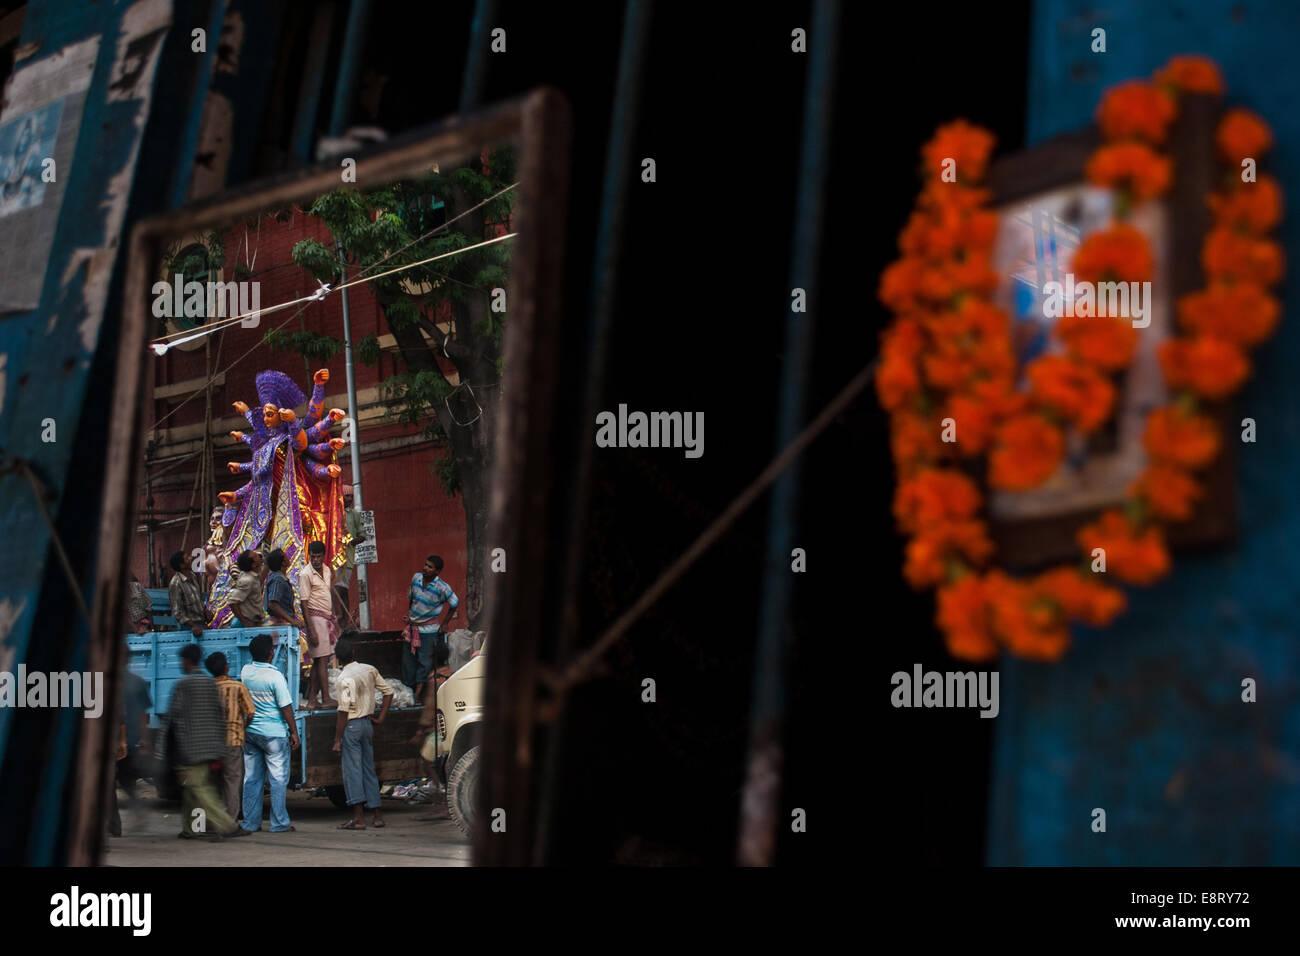 Déesse hindoue Durga est une réflexion sur un miroir, Kolkata, Bengale occidental, Inde Photo Stock